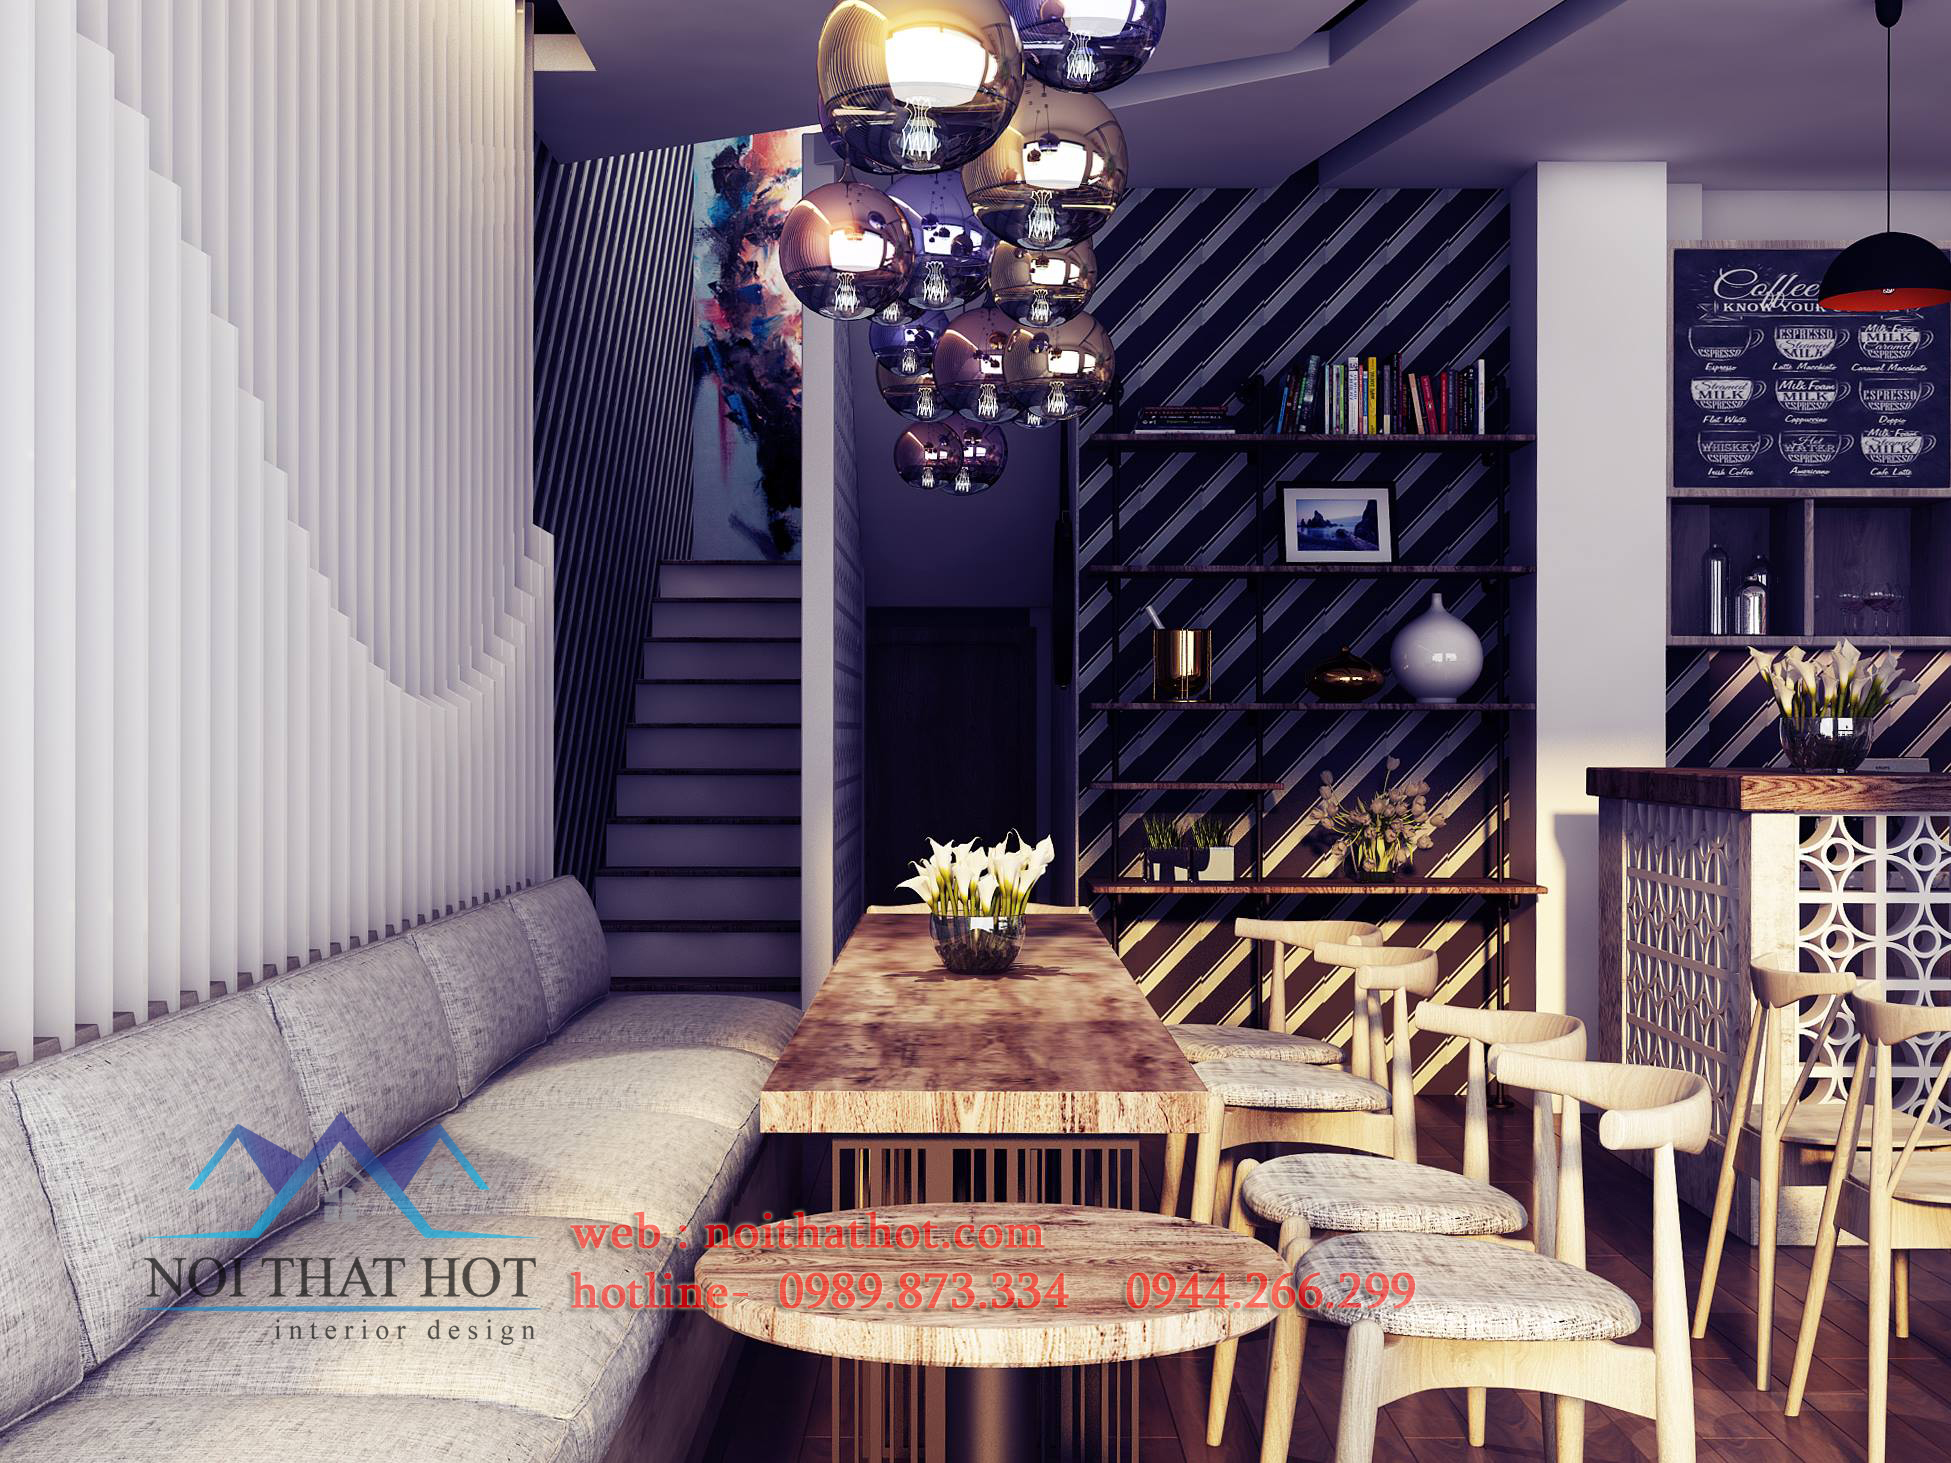 thiết kế quán cafe mộc diện tích nhỏ